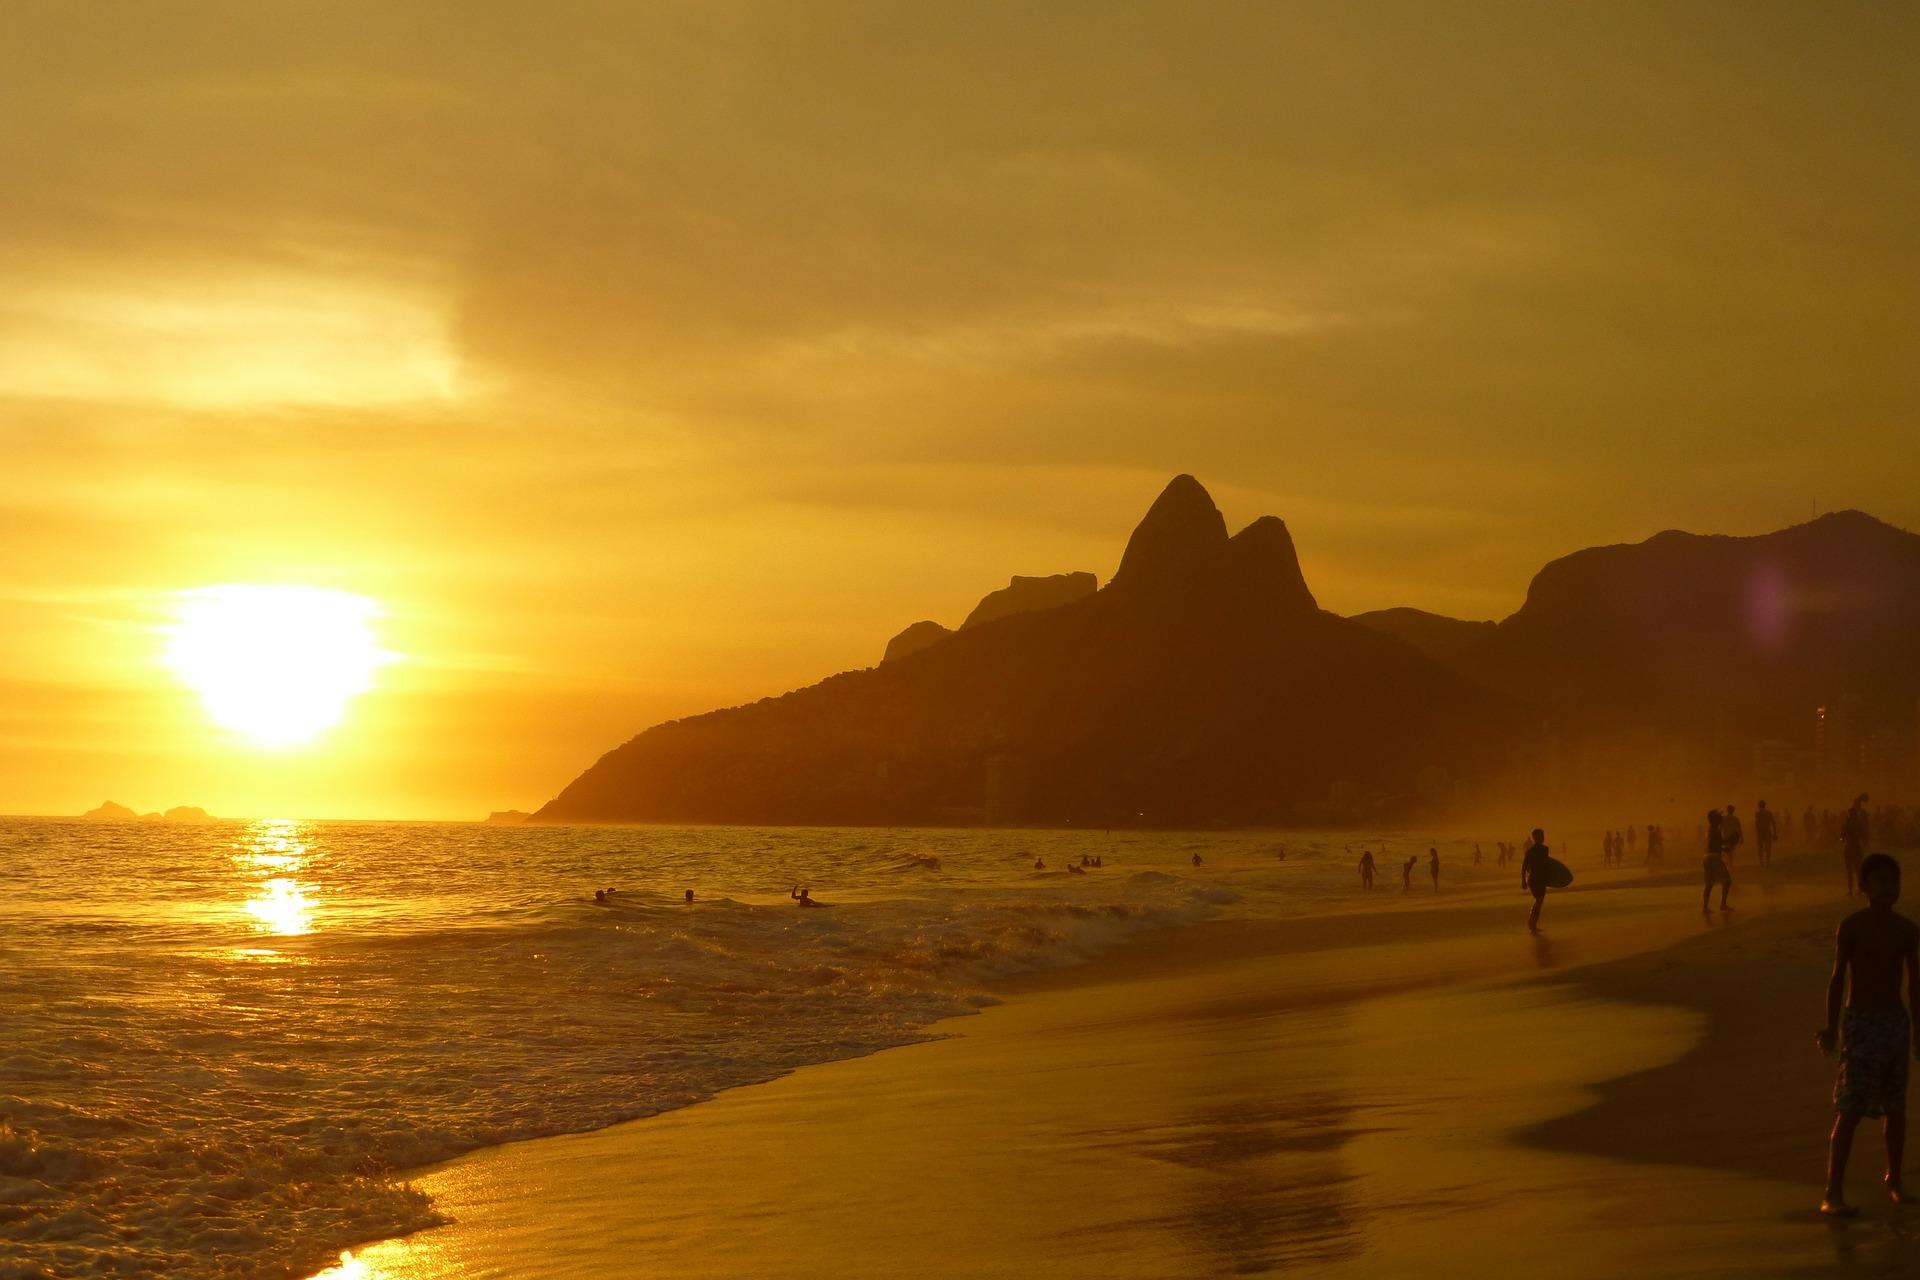 Ipanema, रियो डी जनेरियो छुट्टी, समुद्र तट, सूर्यास्त, सूर्य, पहाड़ों, पीला - HD वॉलपेपर - प्रोफेसर-falken.com